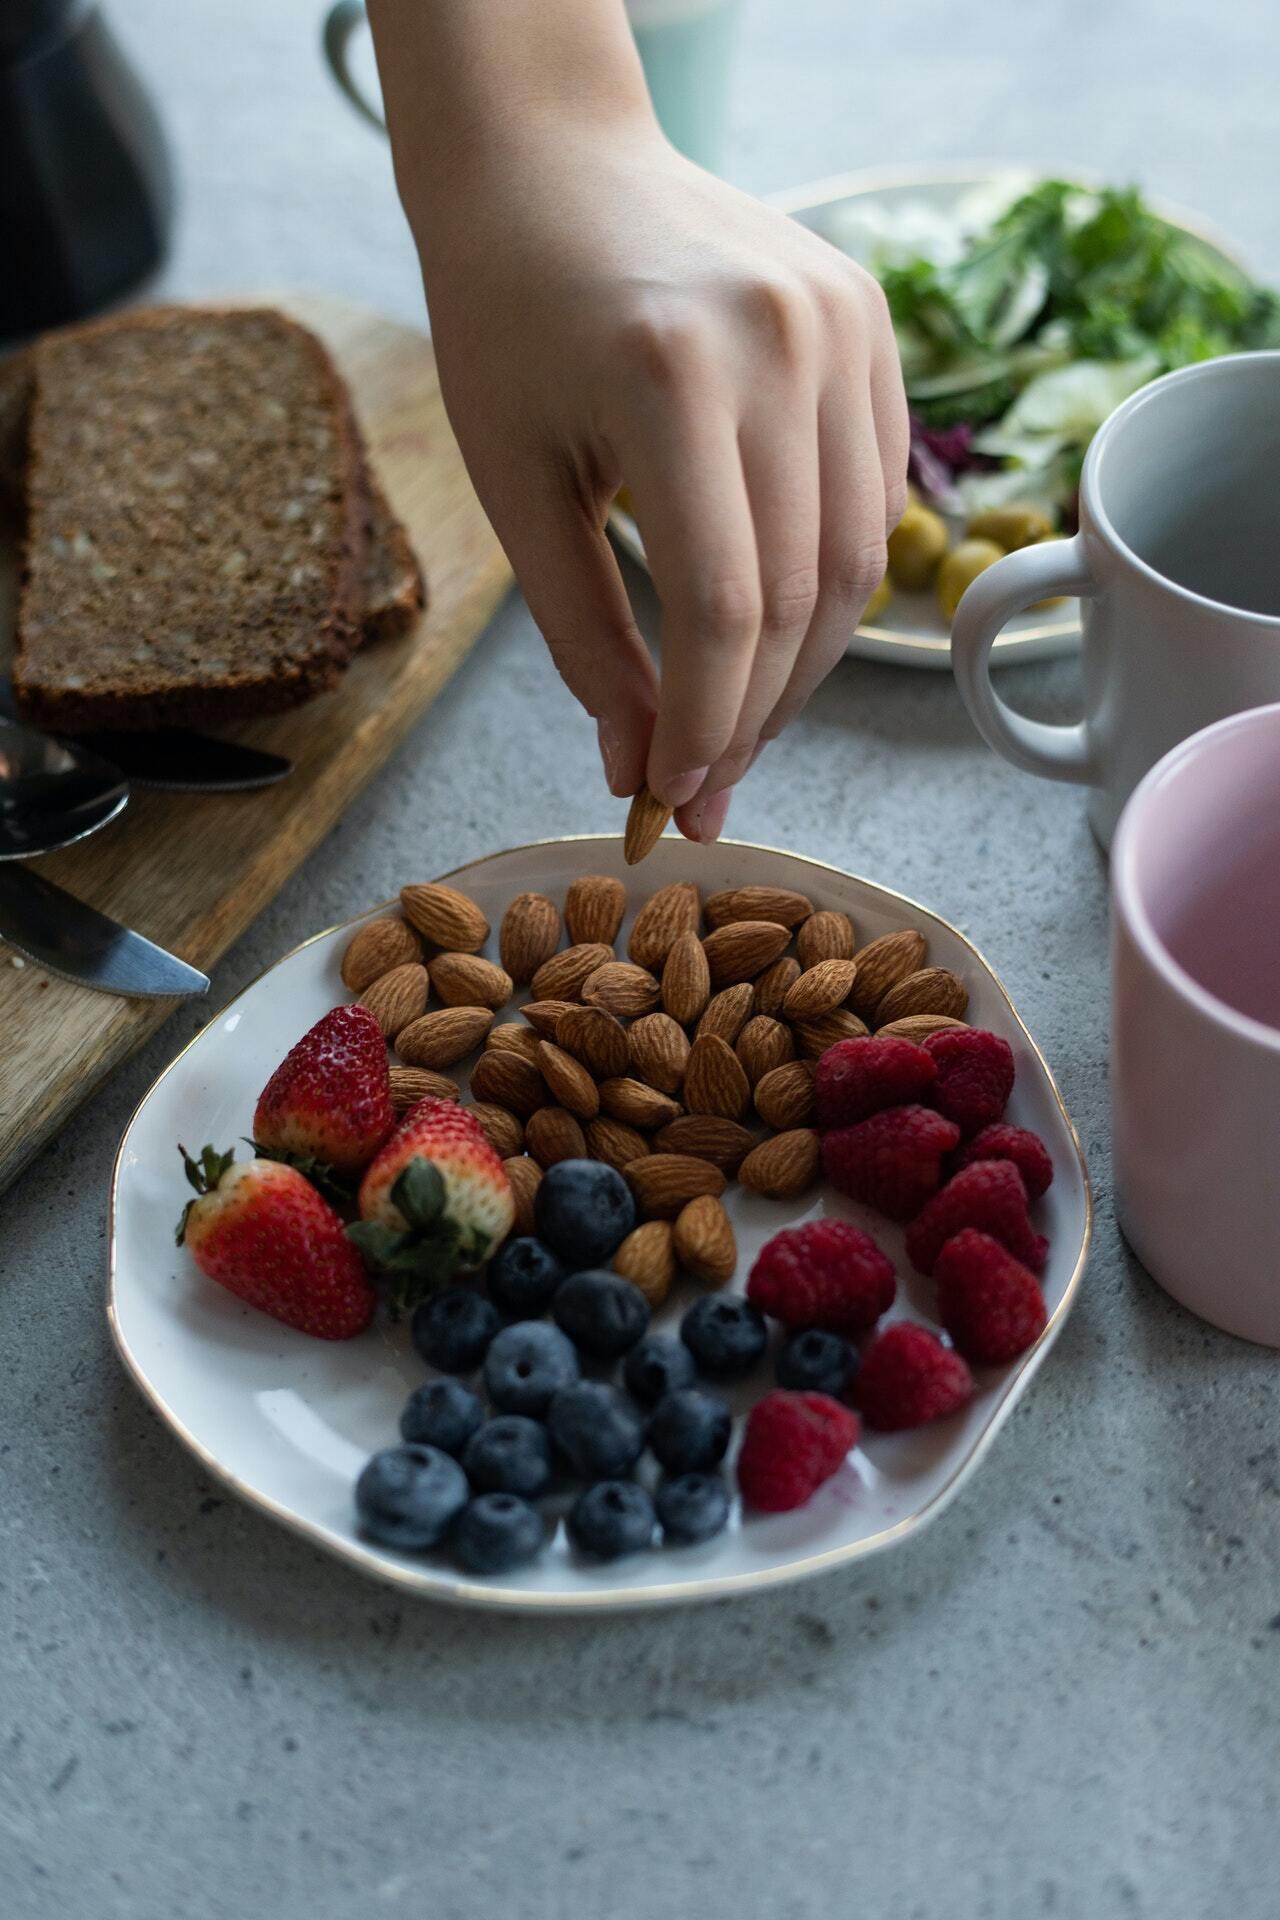 Перекус не може бути замість повноцінного вживання їжі